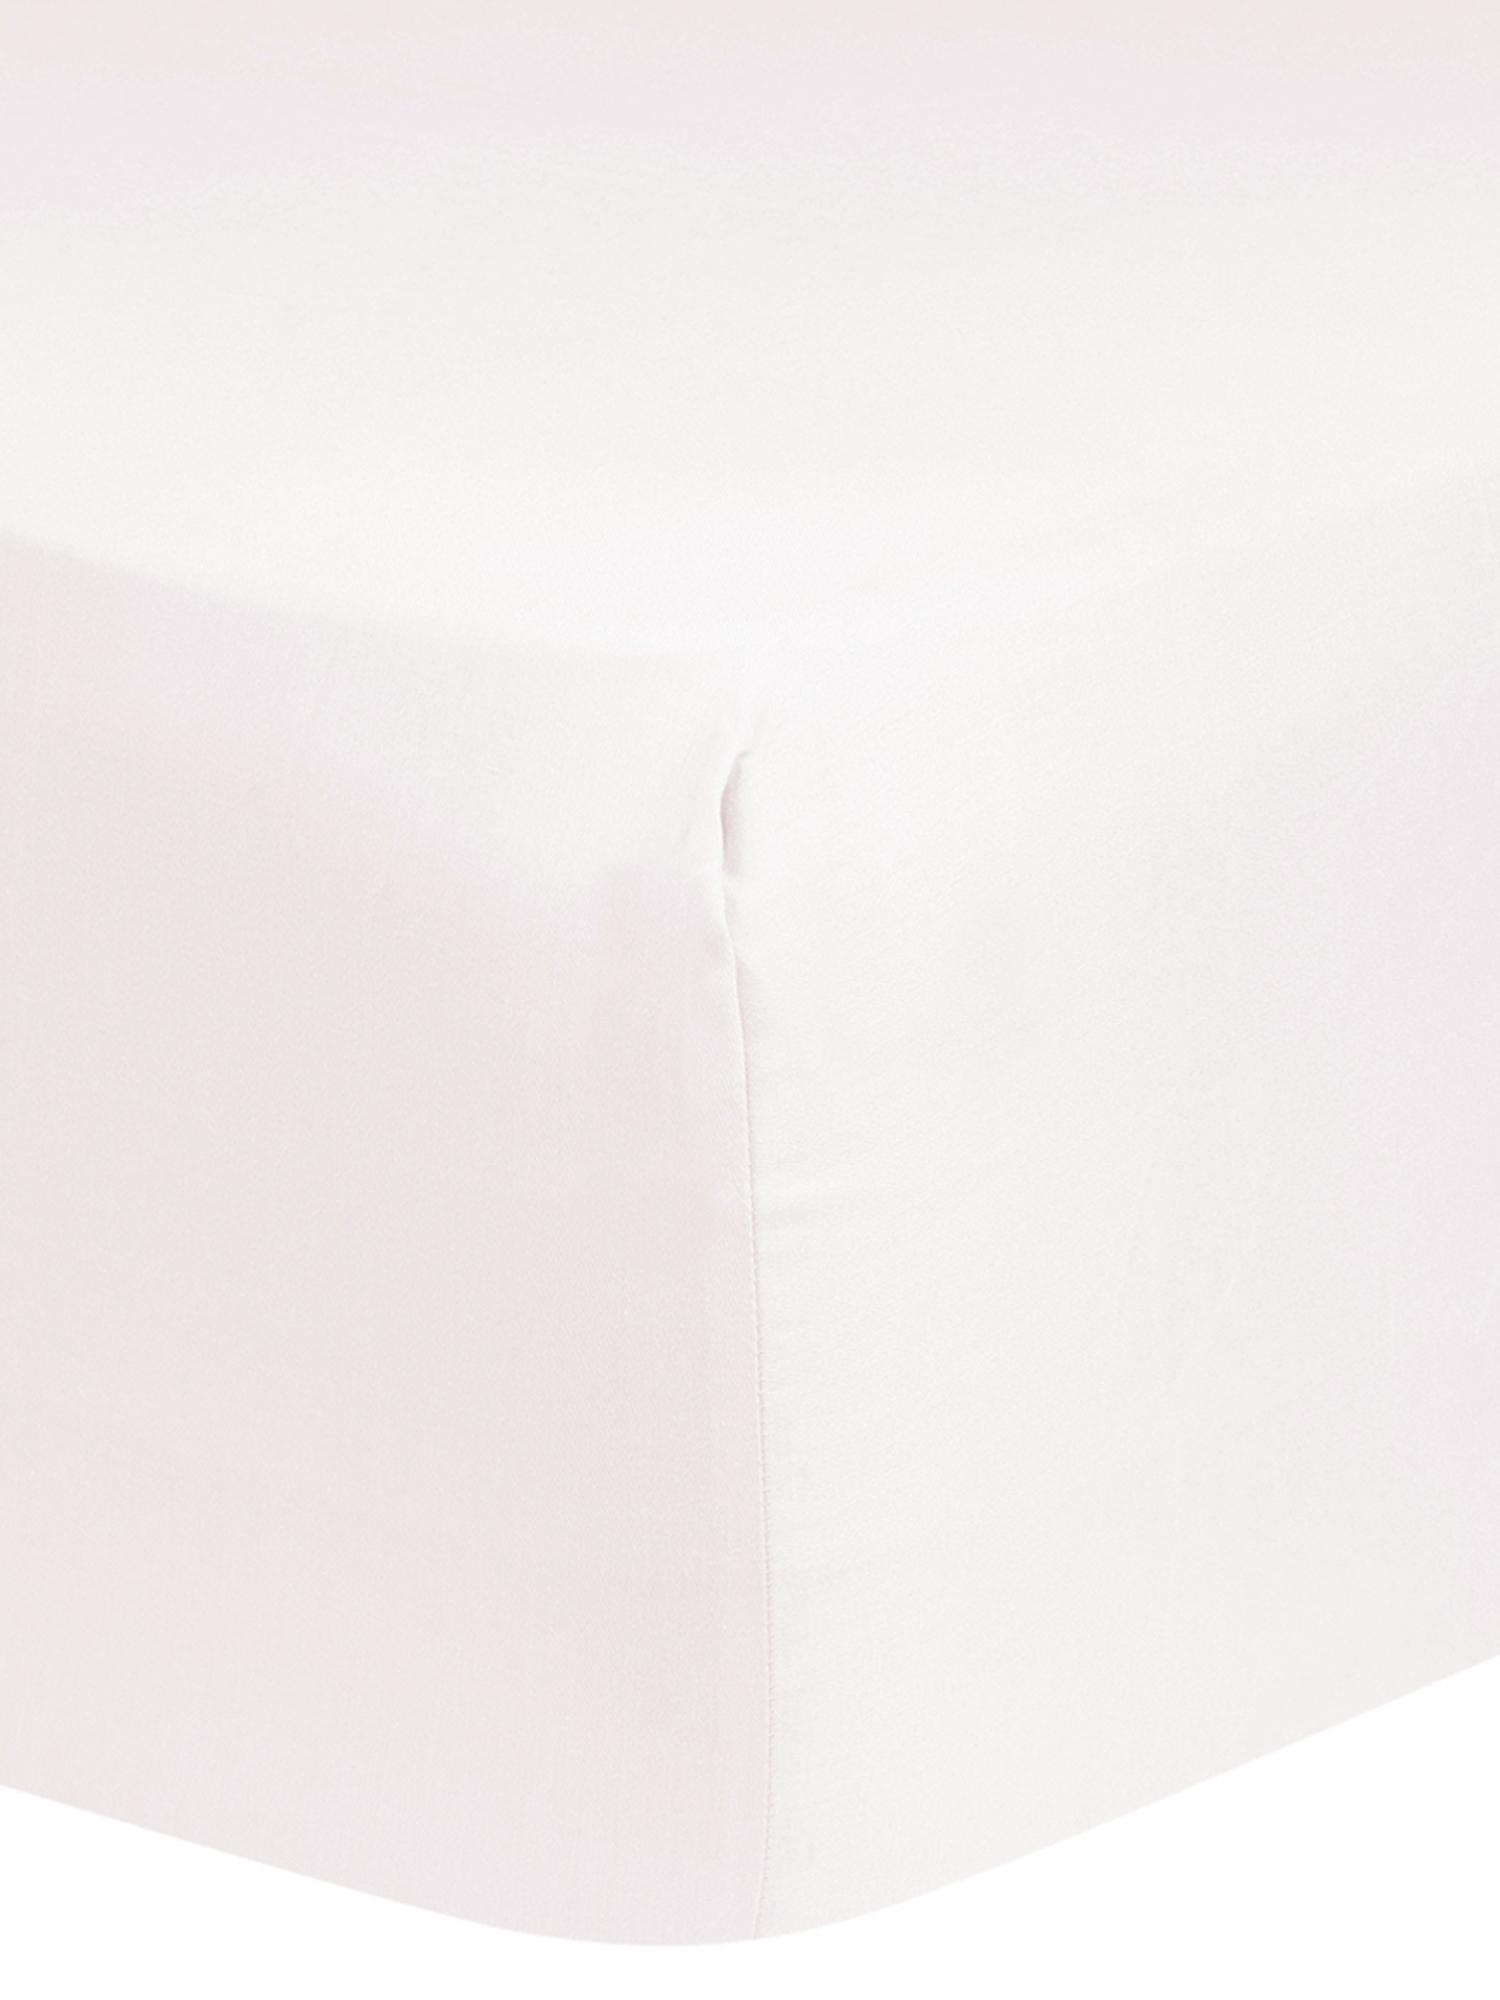 Spannbettlaken Comfort, Baumwollsatin, Webart: Satin, leicht glänzend, Rosa, 140 x 200 cm